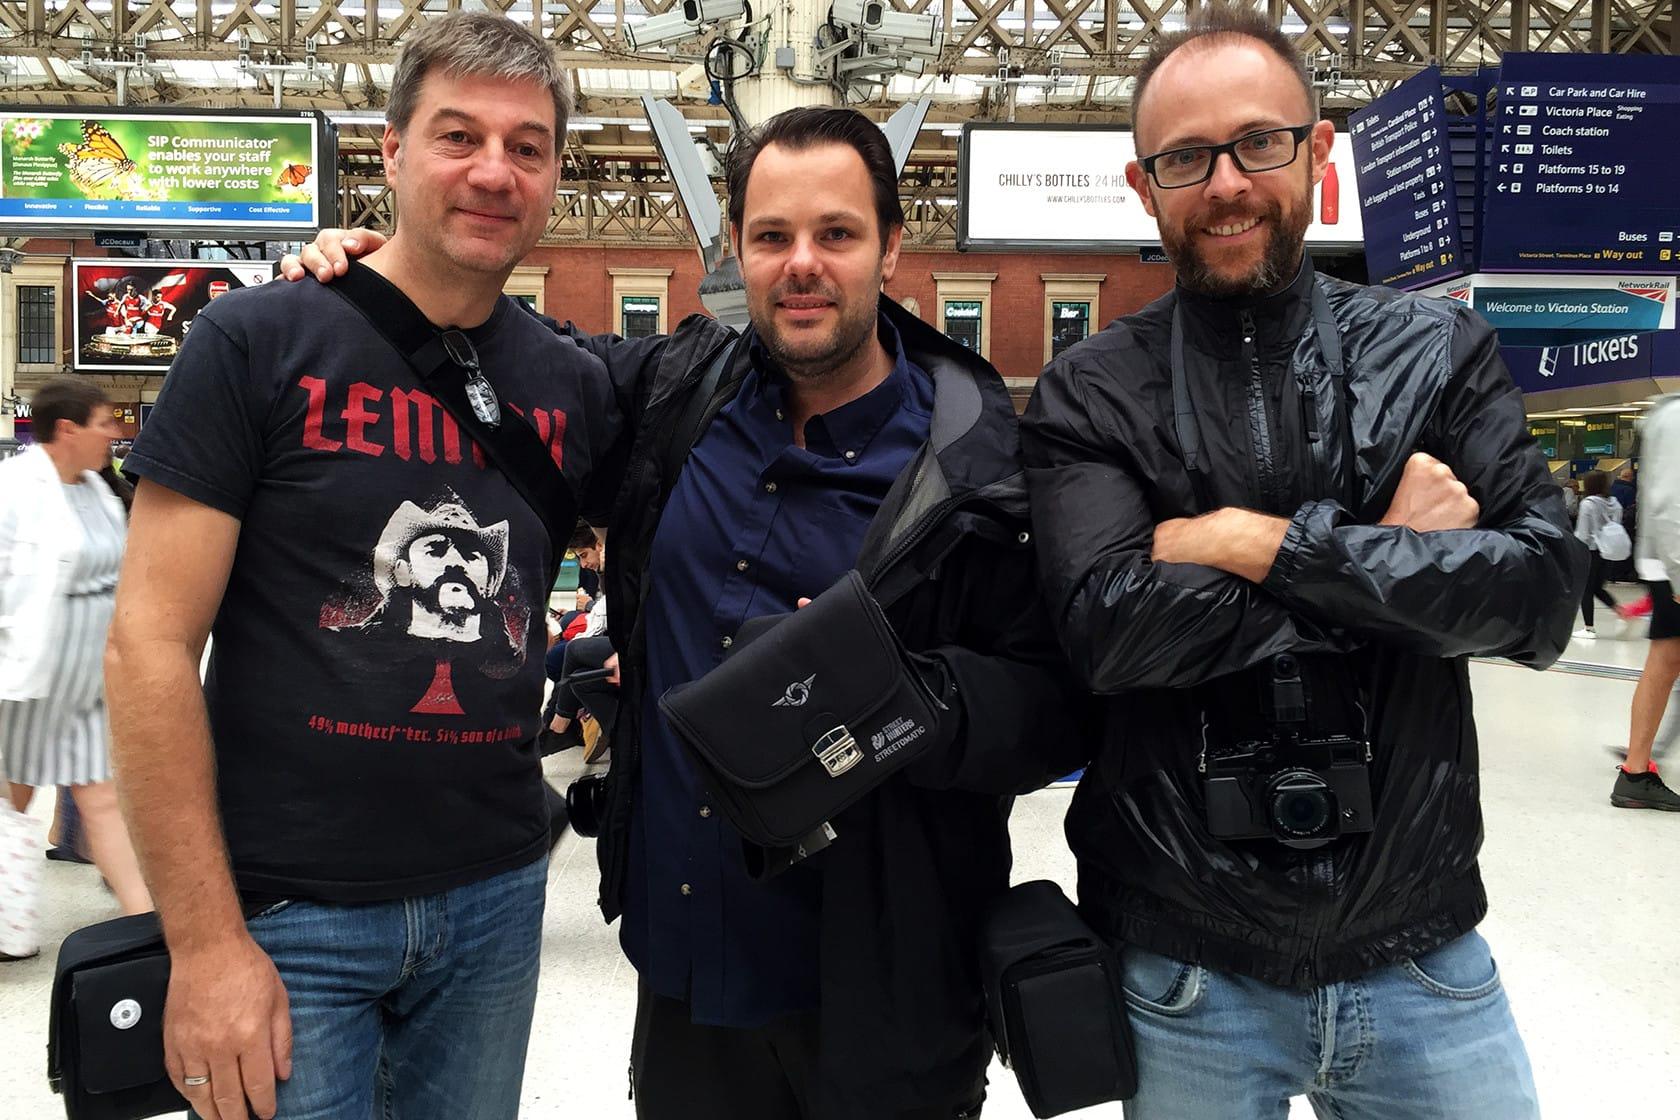 Thomas Ludwig, Tom Jeavons and Spyros Papaspyropoulos